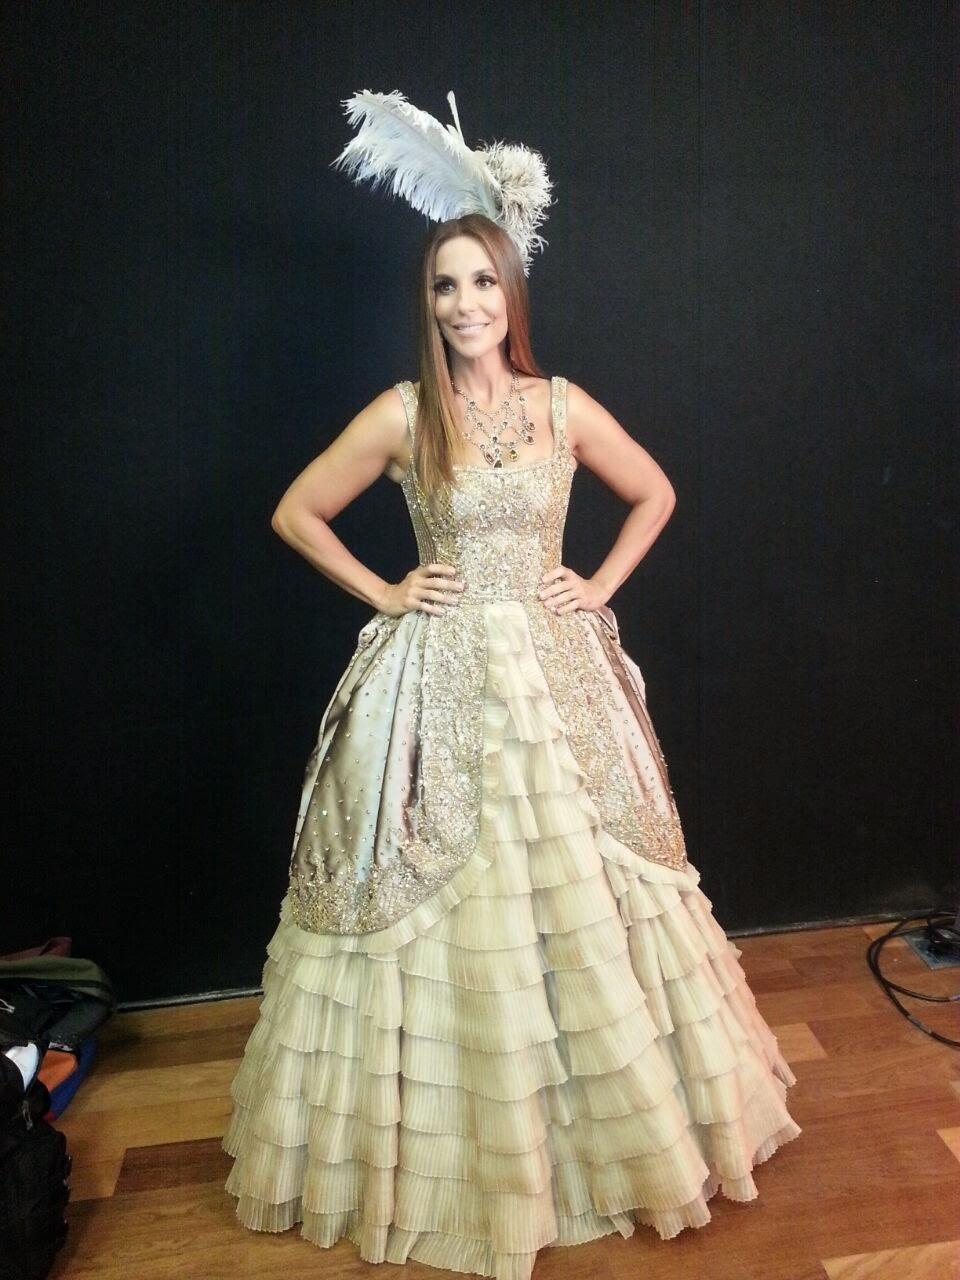 Baile de Carnaval da Vogue em SP 2015